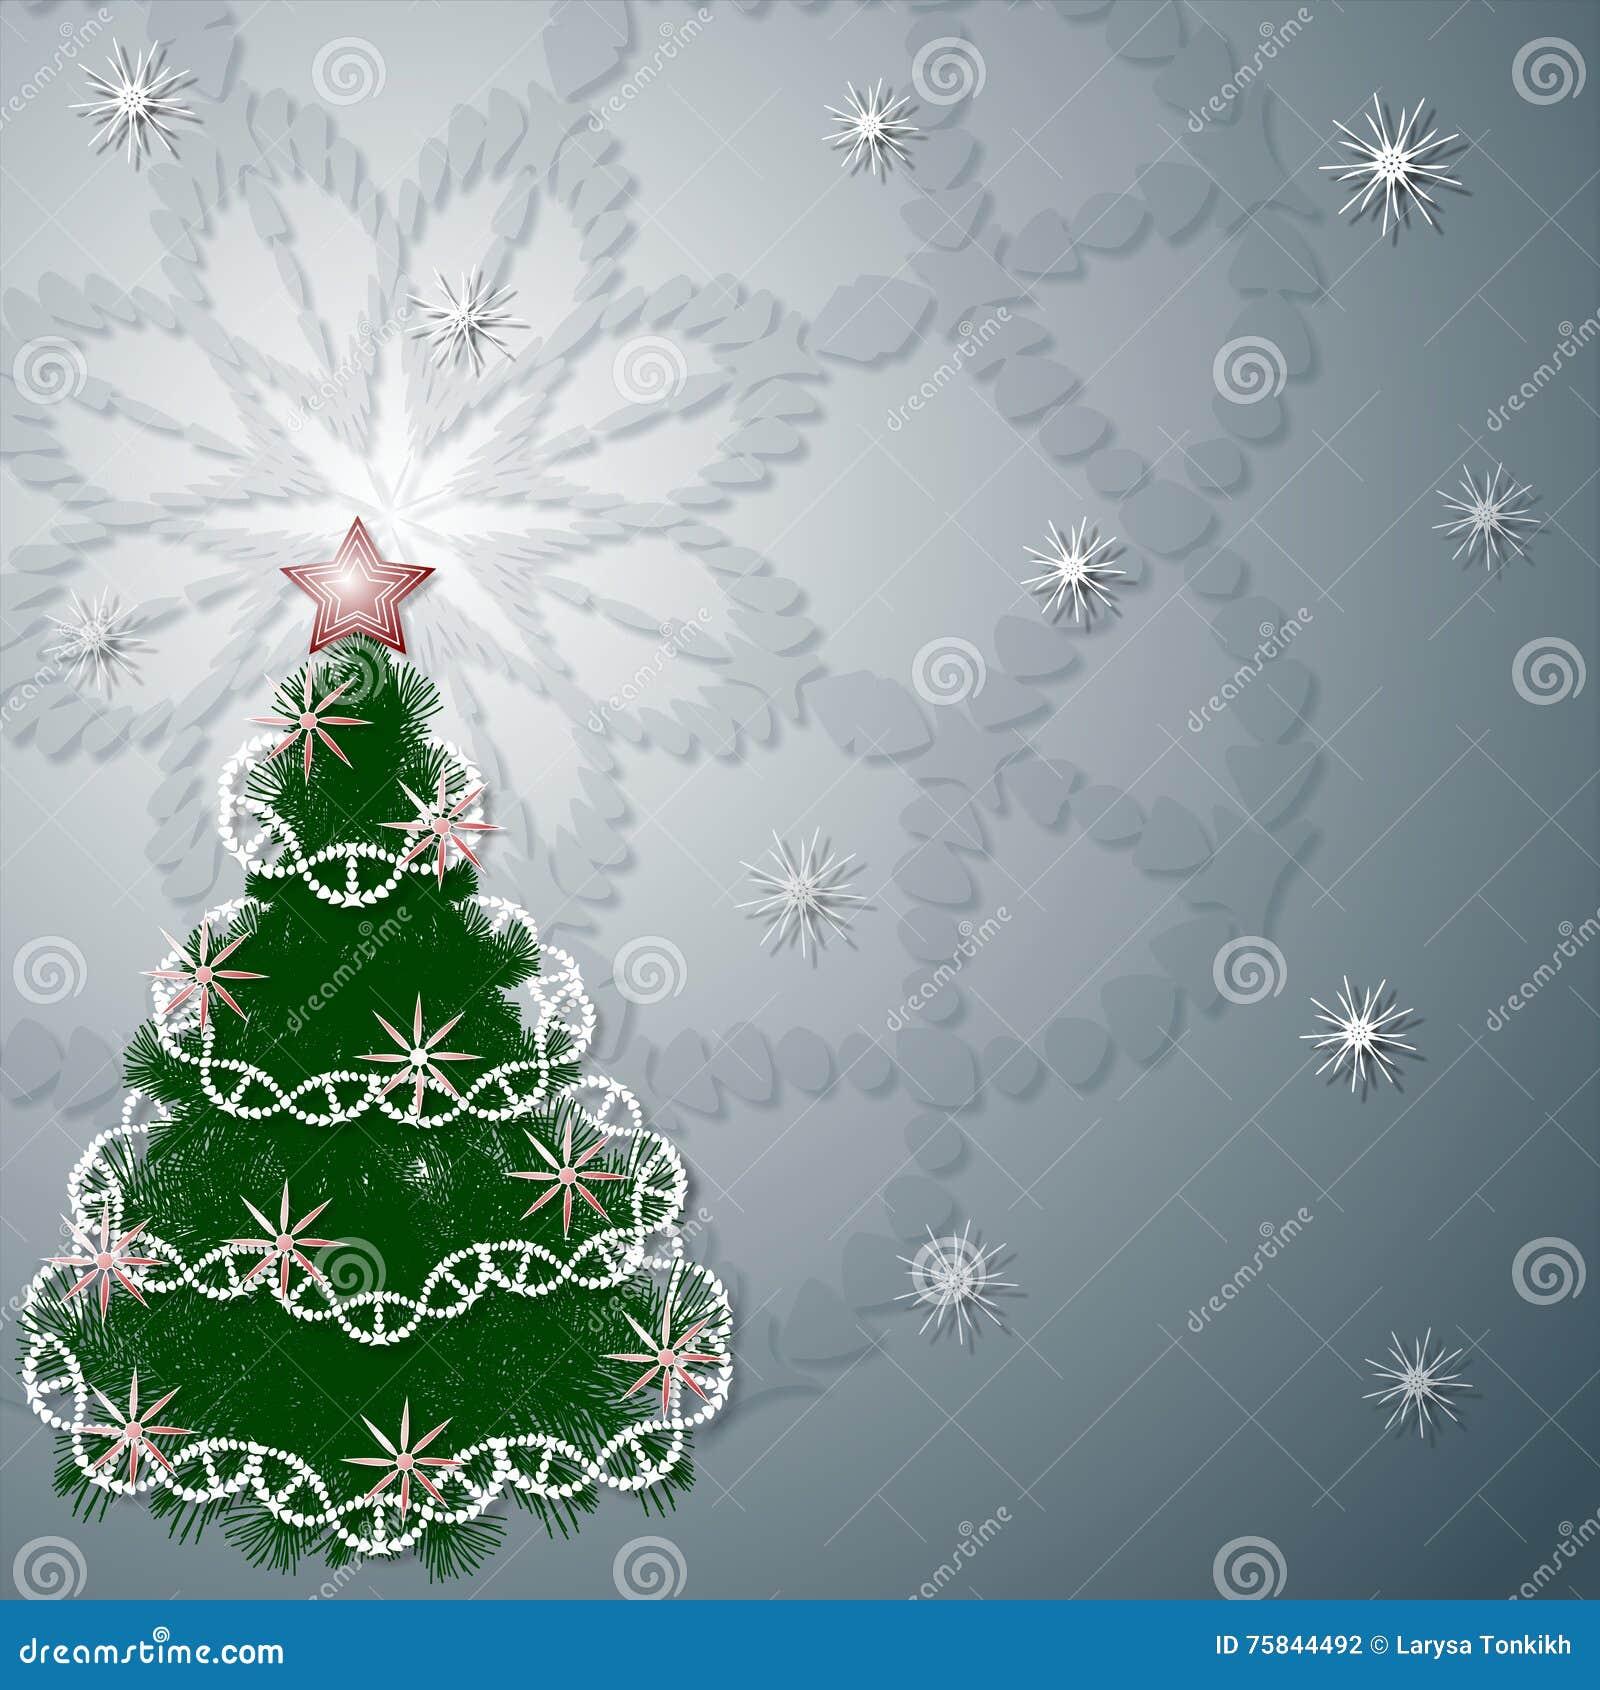 weihnachtsmotiv abstrakter hintergrund karte gr e stock abbildung bild 75844492. Black Bedroom Furniture Sets. Home Design Ideas